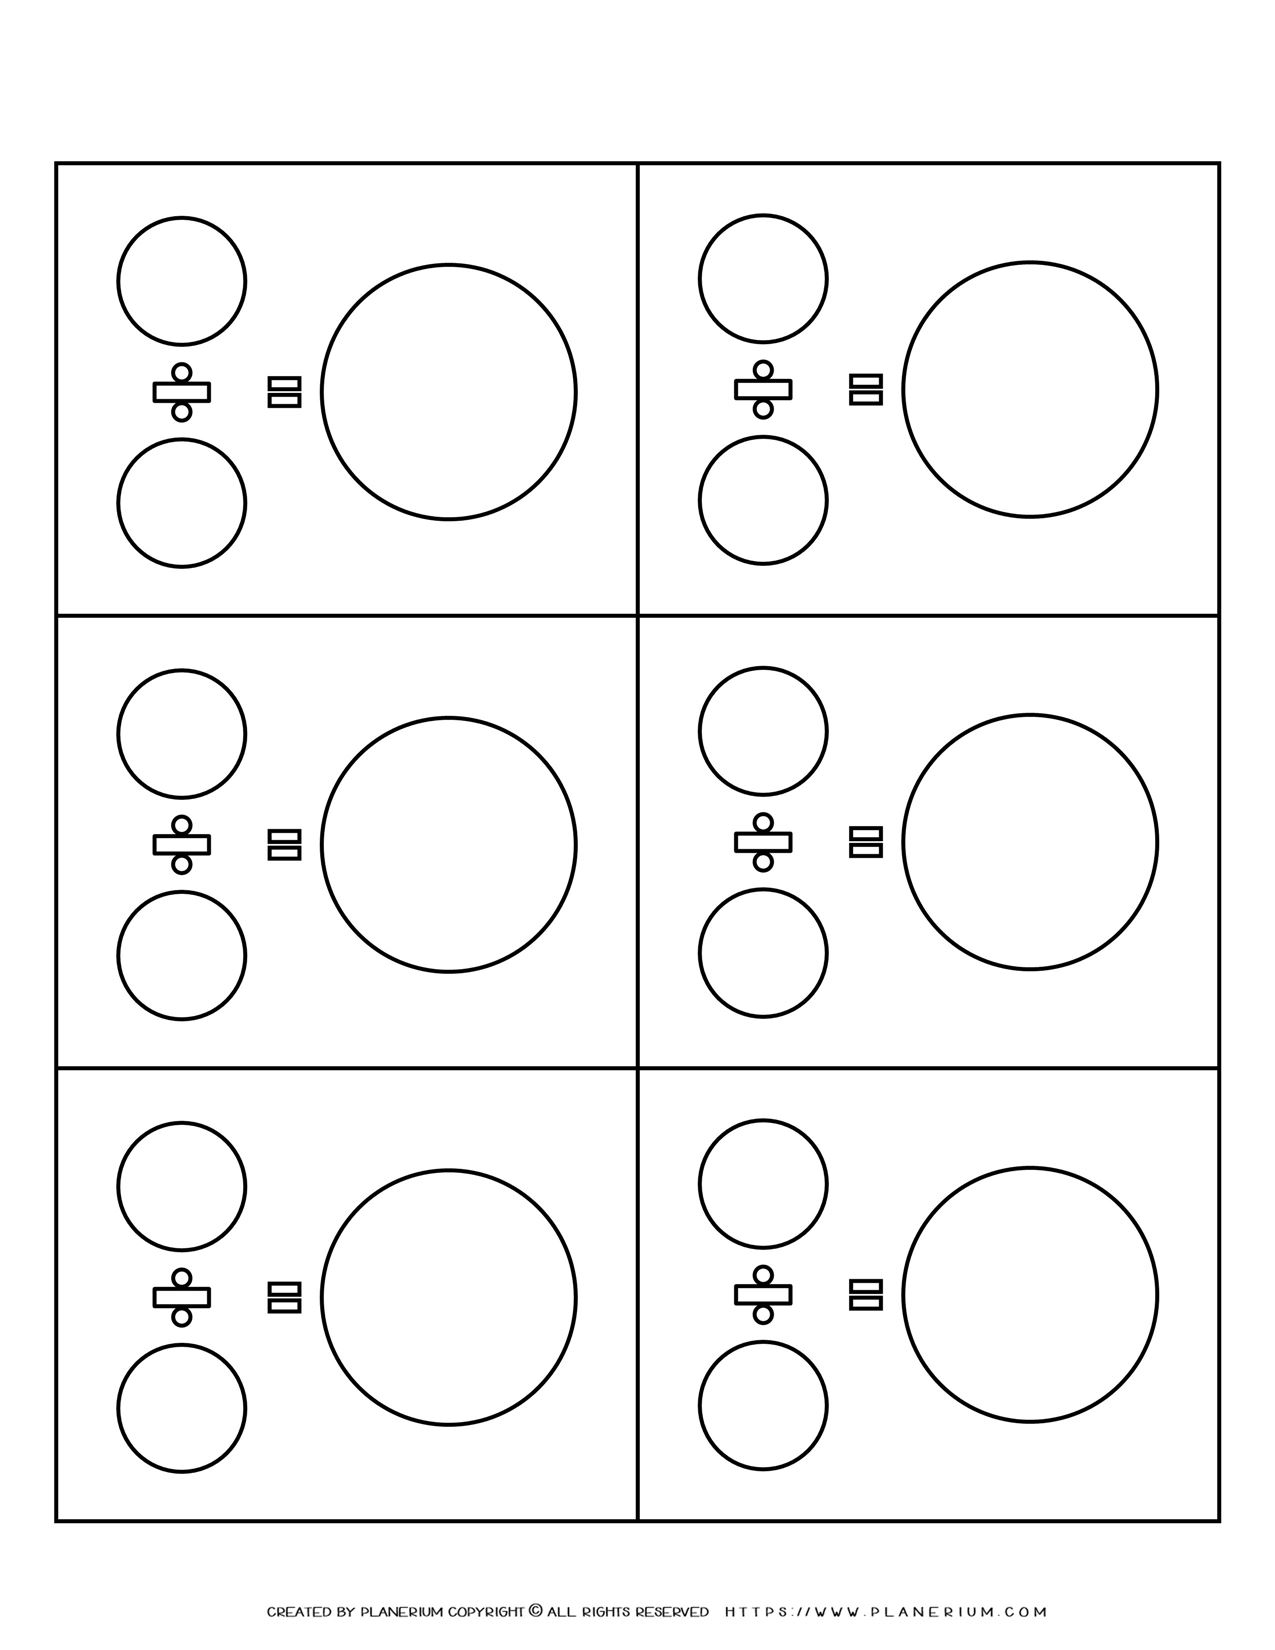 Math Equation - Division Template | Planerium